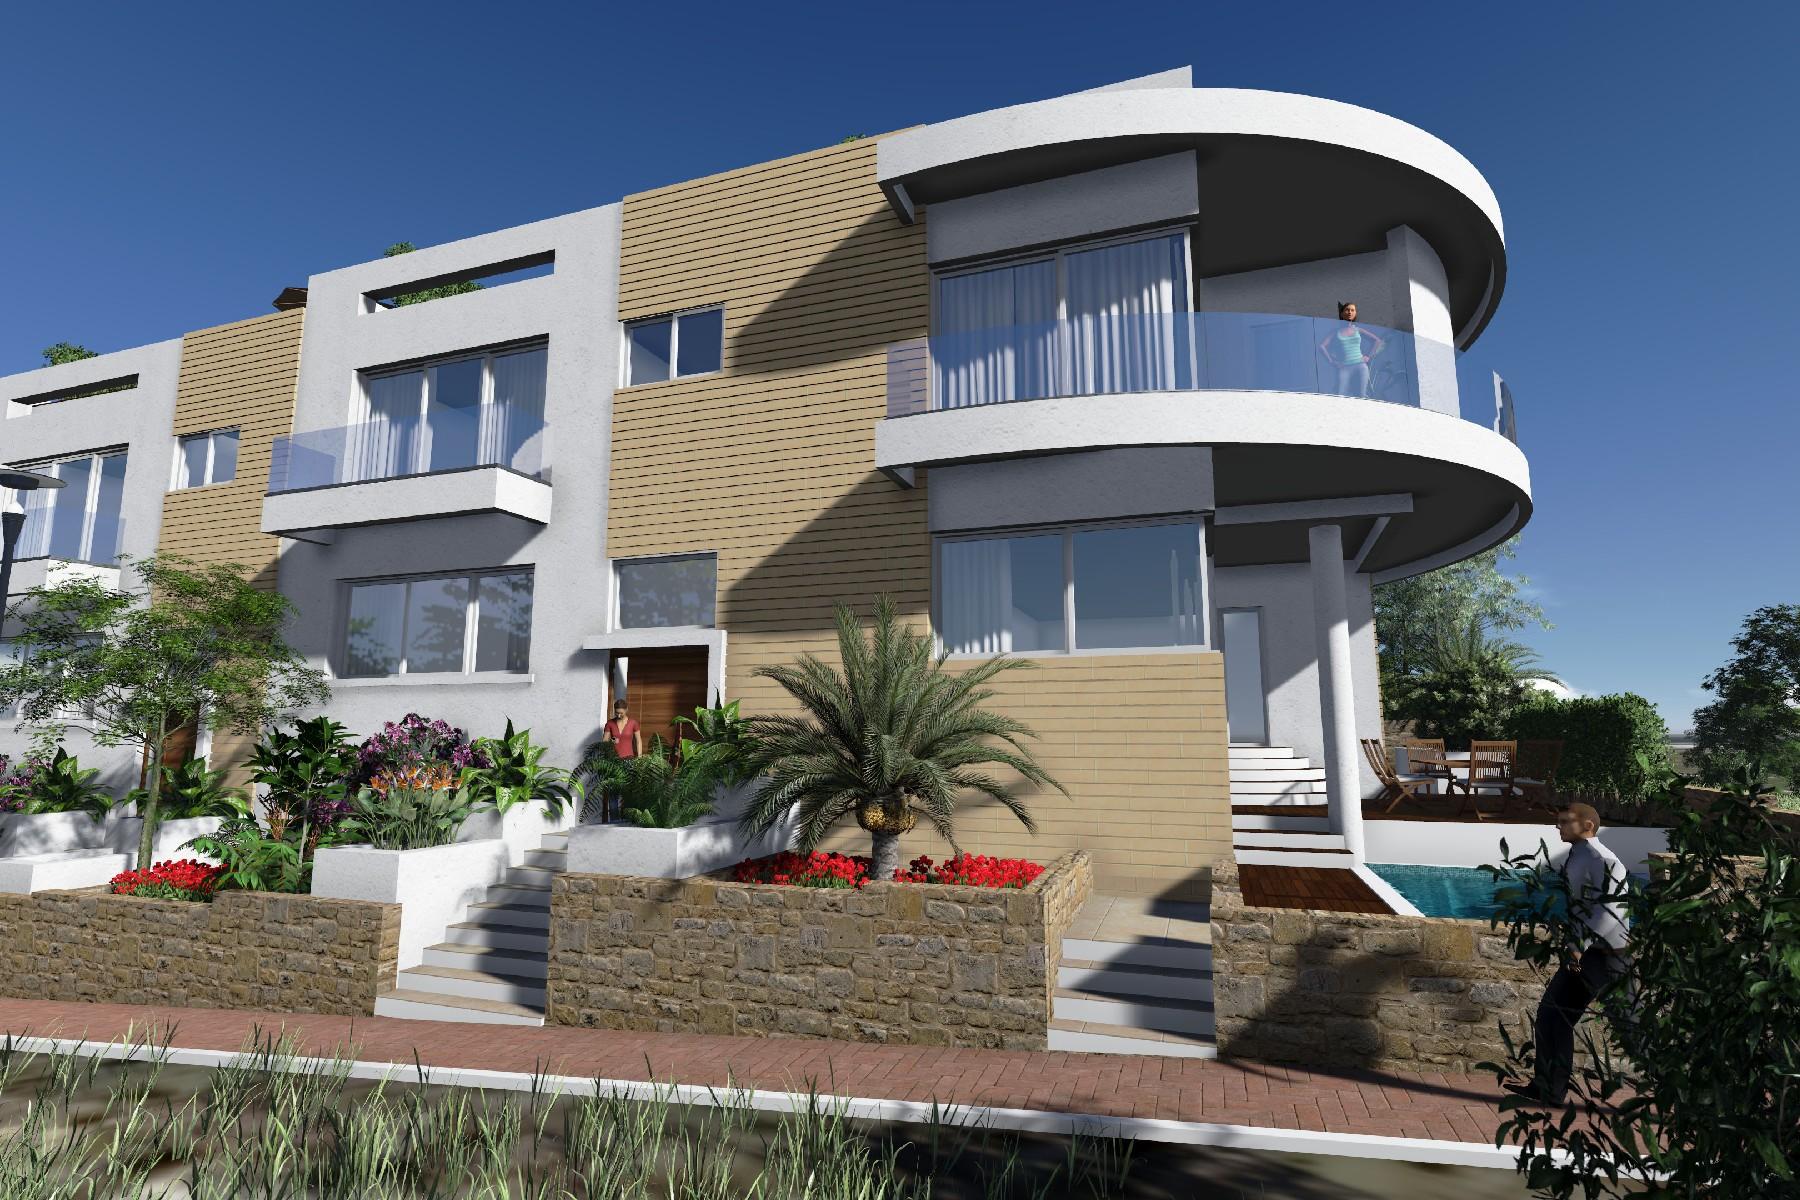 その他の住居 のために 売買 アット Luxury Terraced Houses Bahar Ic Caghaq, Sliema Valletta Surroundings NXR 1000 マルタ